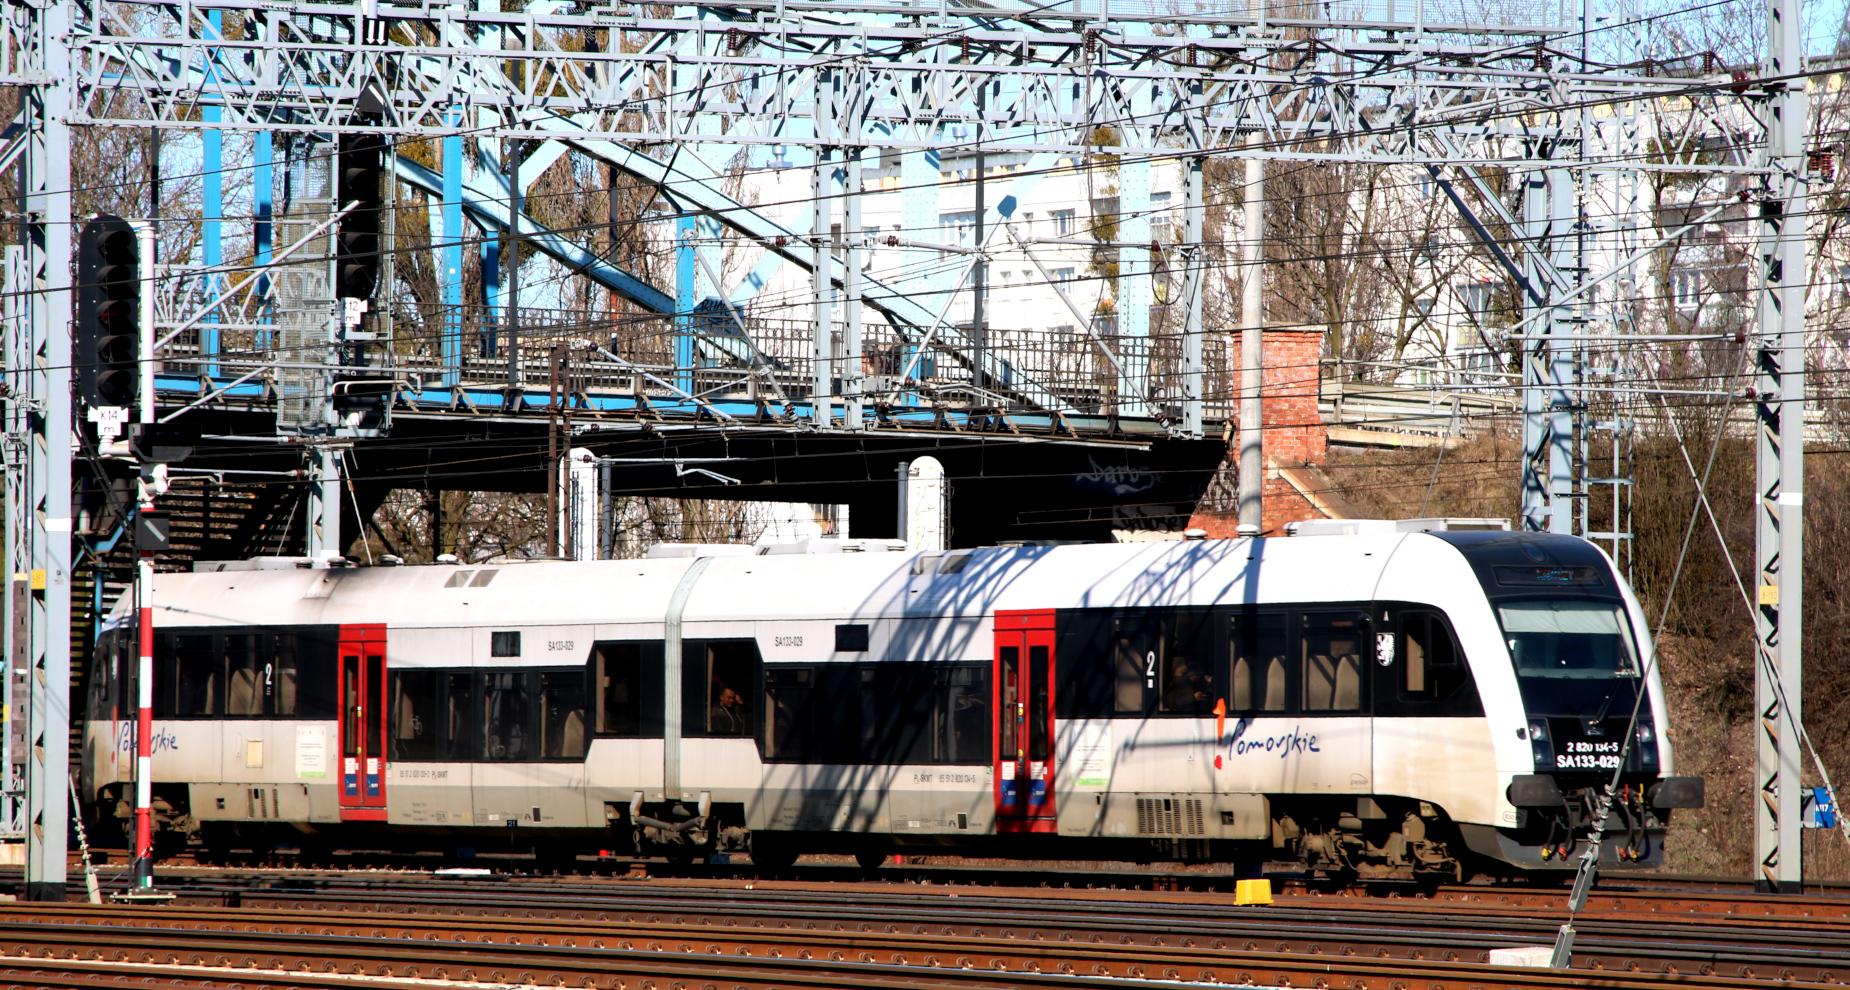 Nowe bilety dla rowerzystów. Dodatkowe pociągi na lato oraz fabrycznie nowe składy. Zobacz, co słychać na pomorskiej kolei